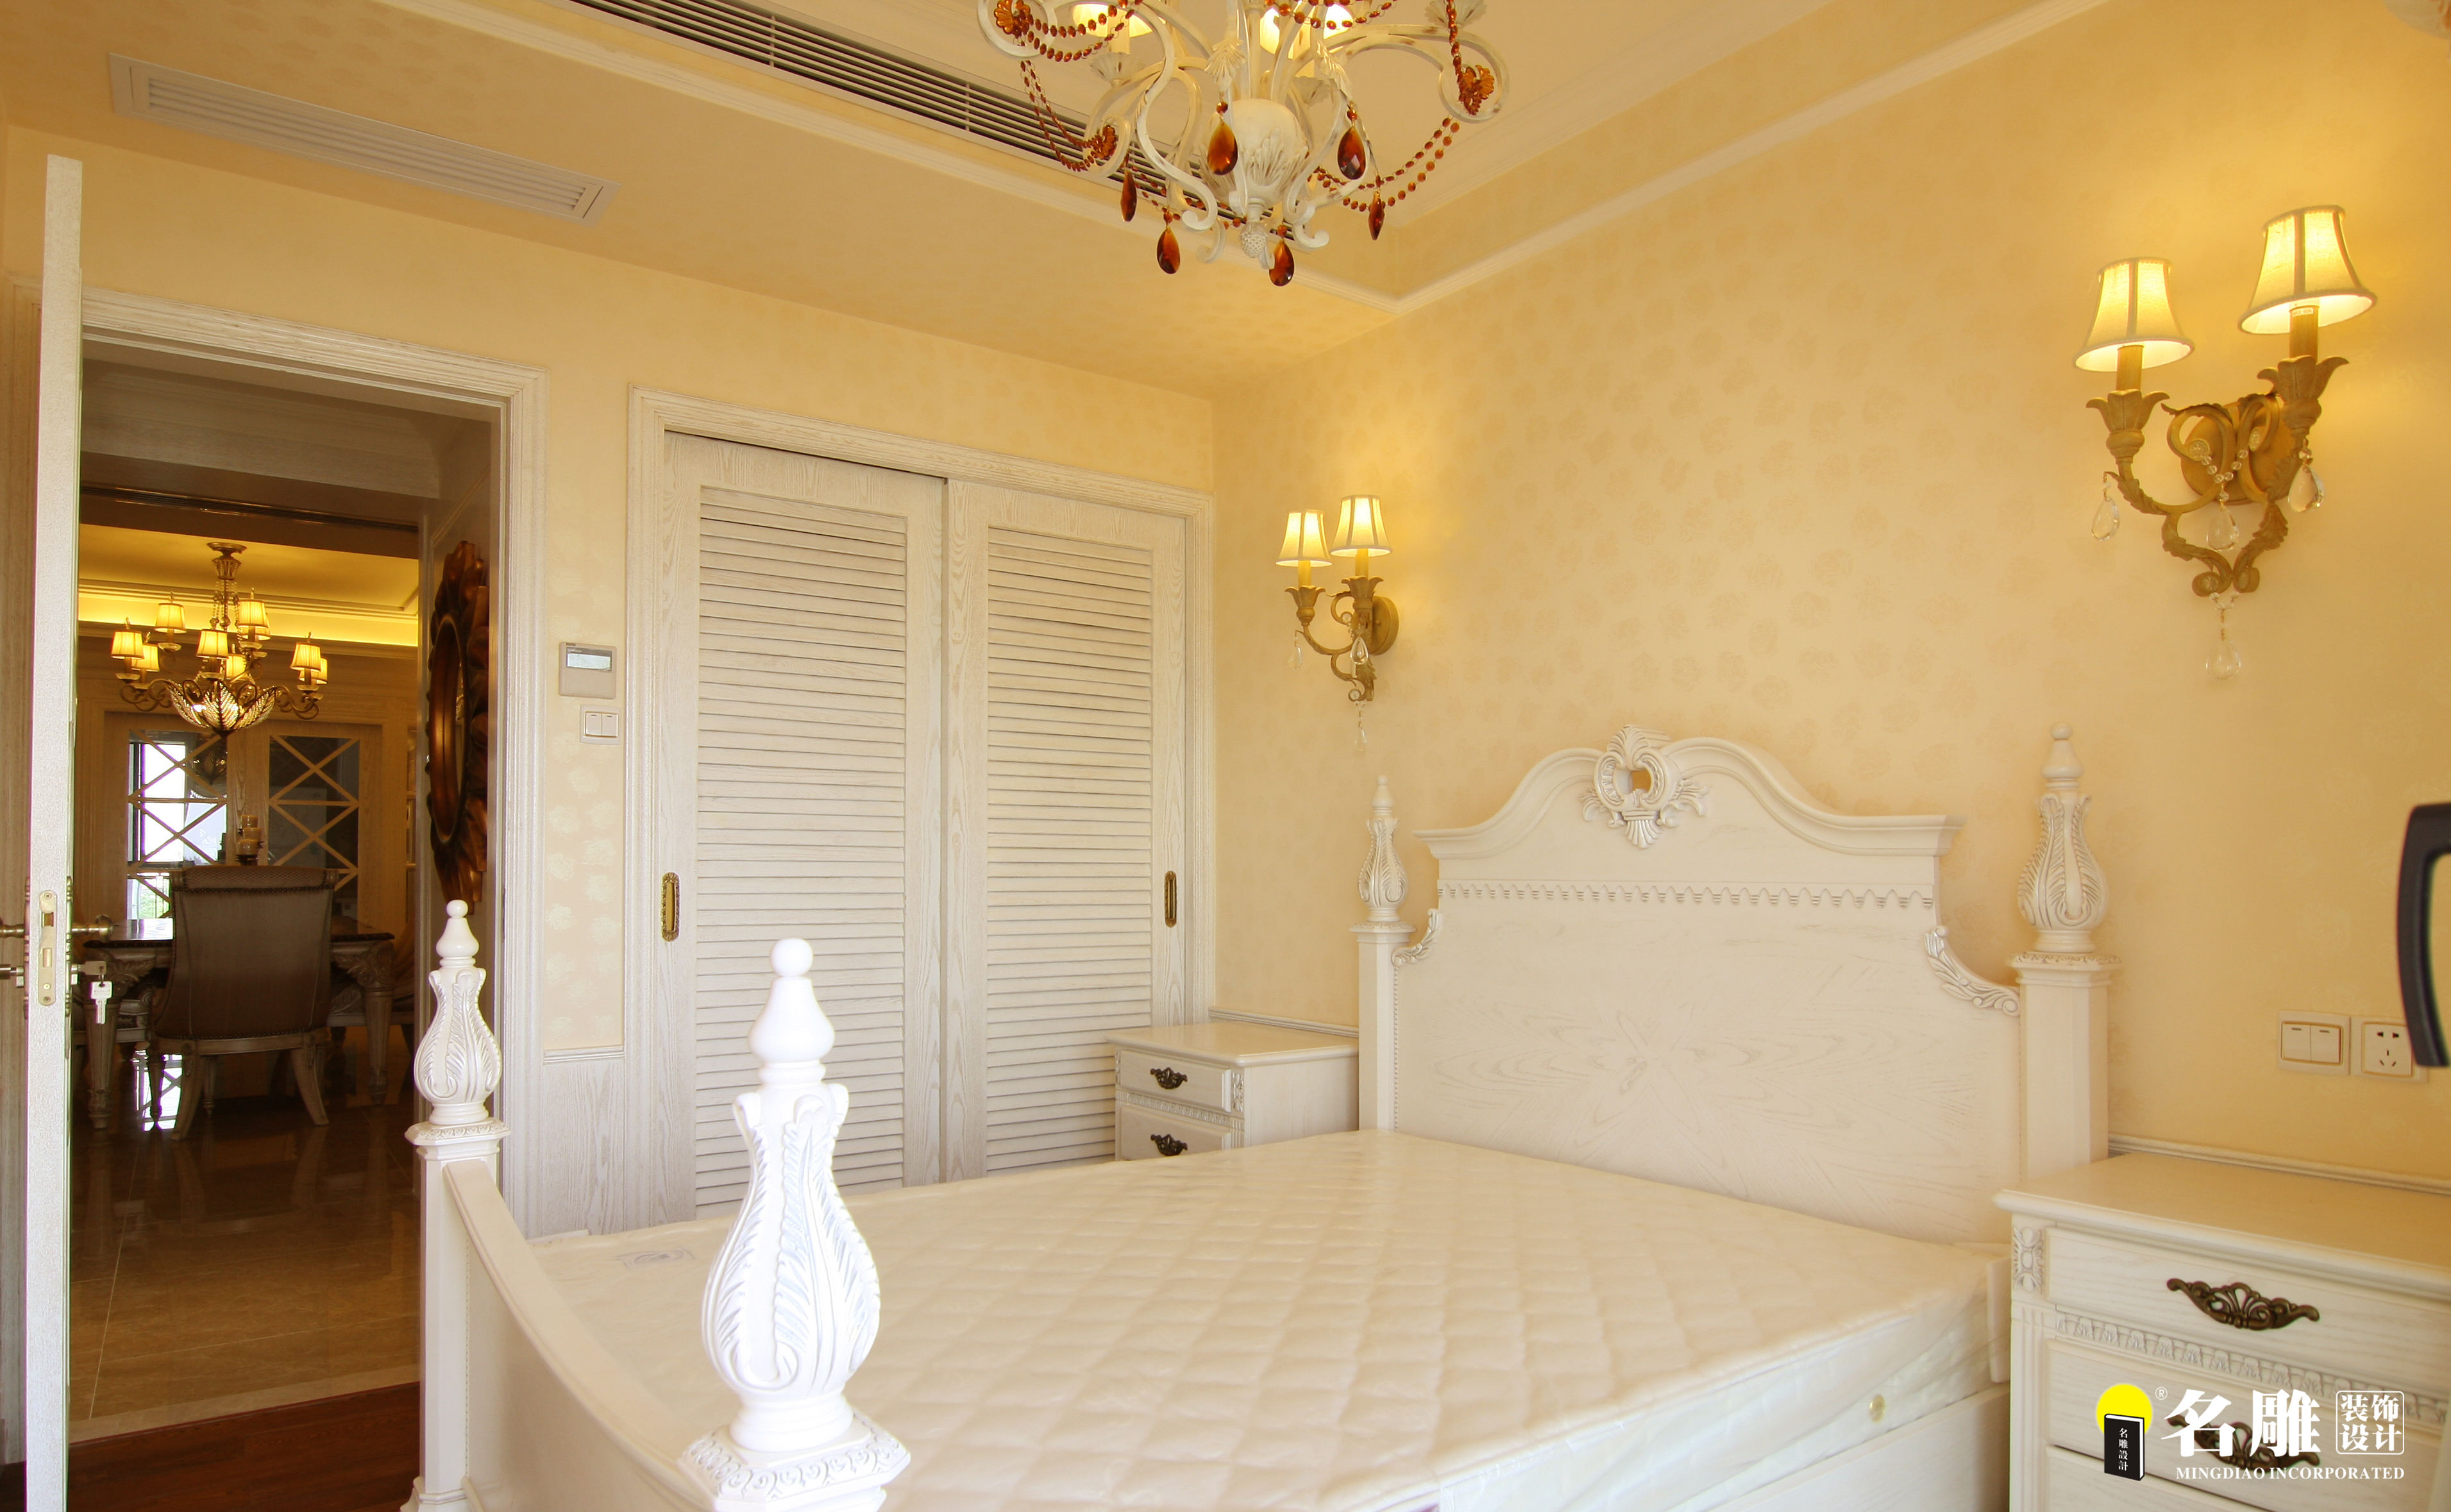 欧式 三居 高富帅 中信红树湾 名雕装饰 白富美 奢华家居 卧室图片来自名雕装饰邓工在欧式风格-160平三居室奢华家装的分享